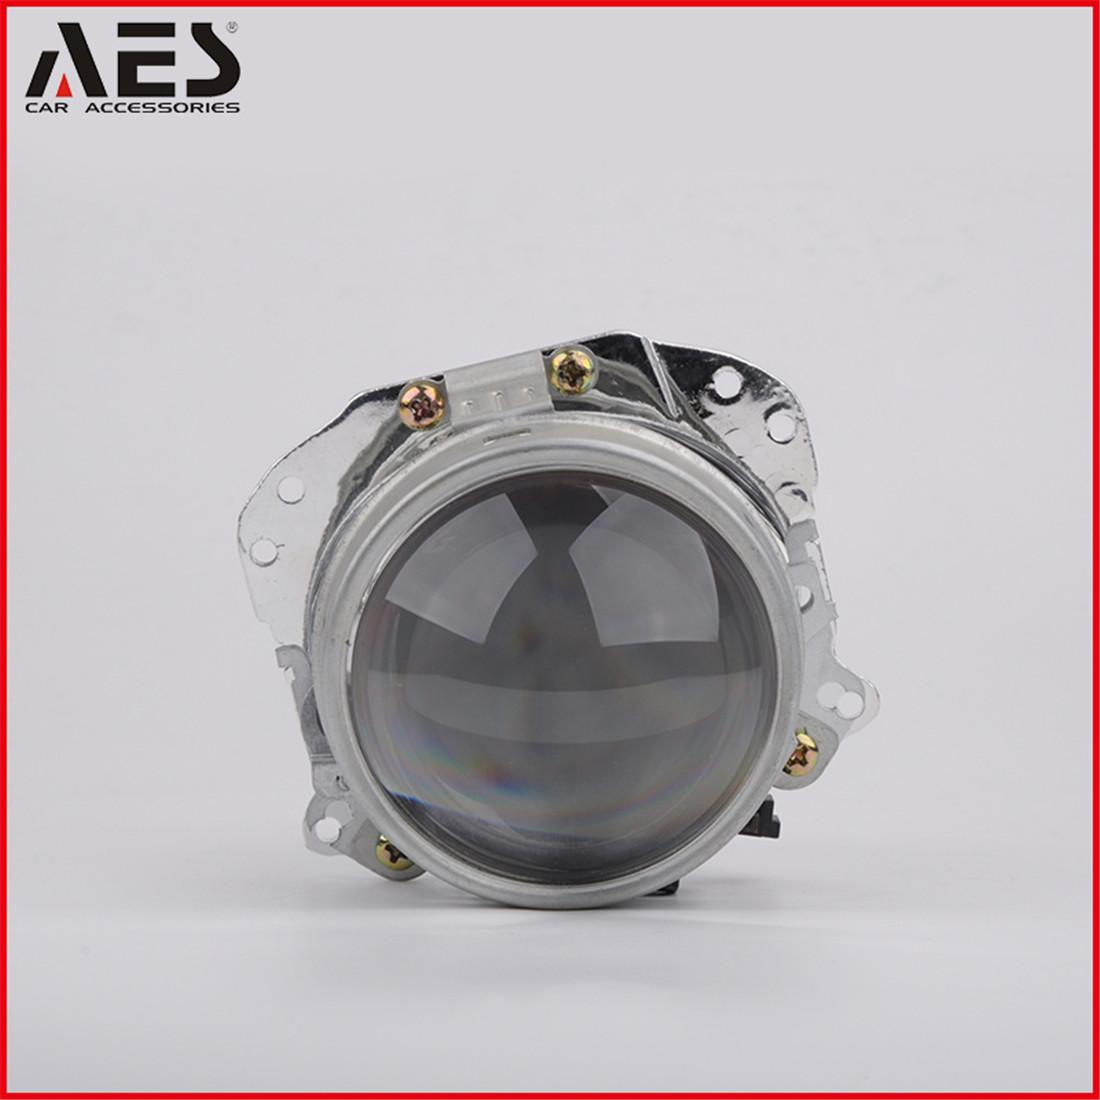 AES-Auto-headlight-hid-bi-xenon-3 (2).jpg